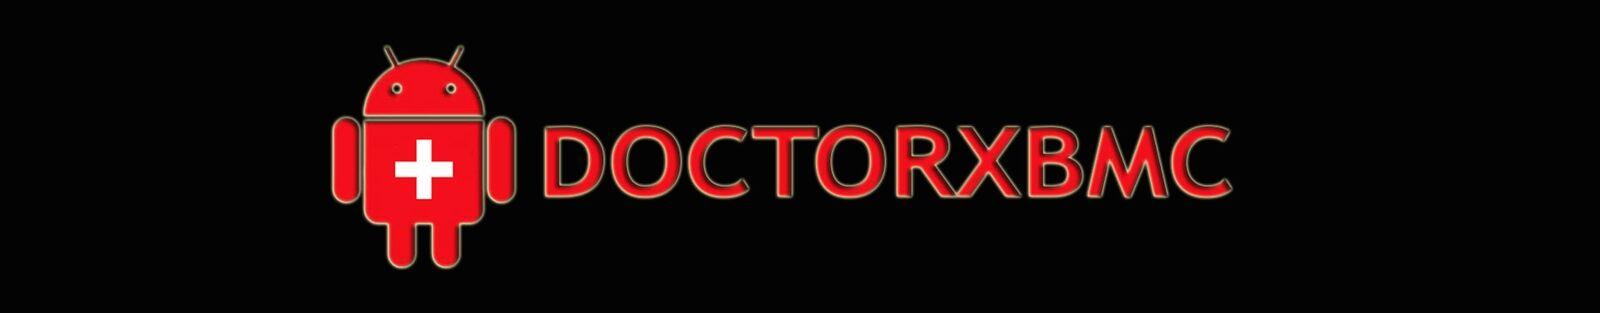 doctorxbmc